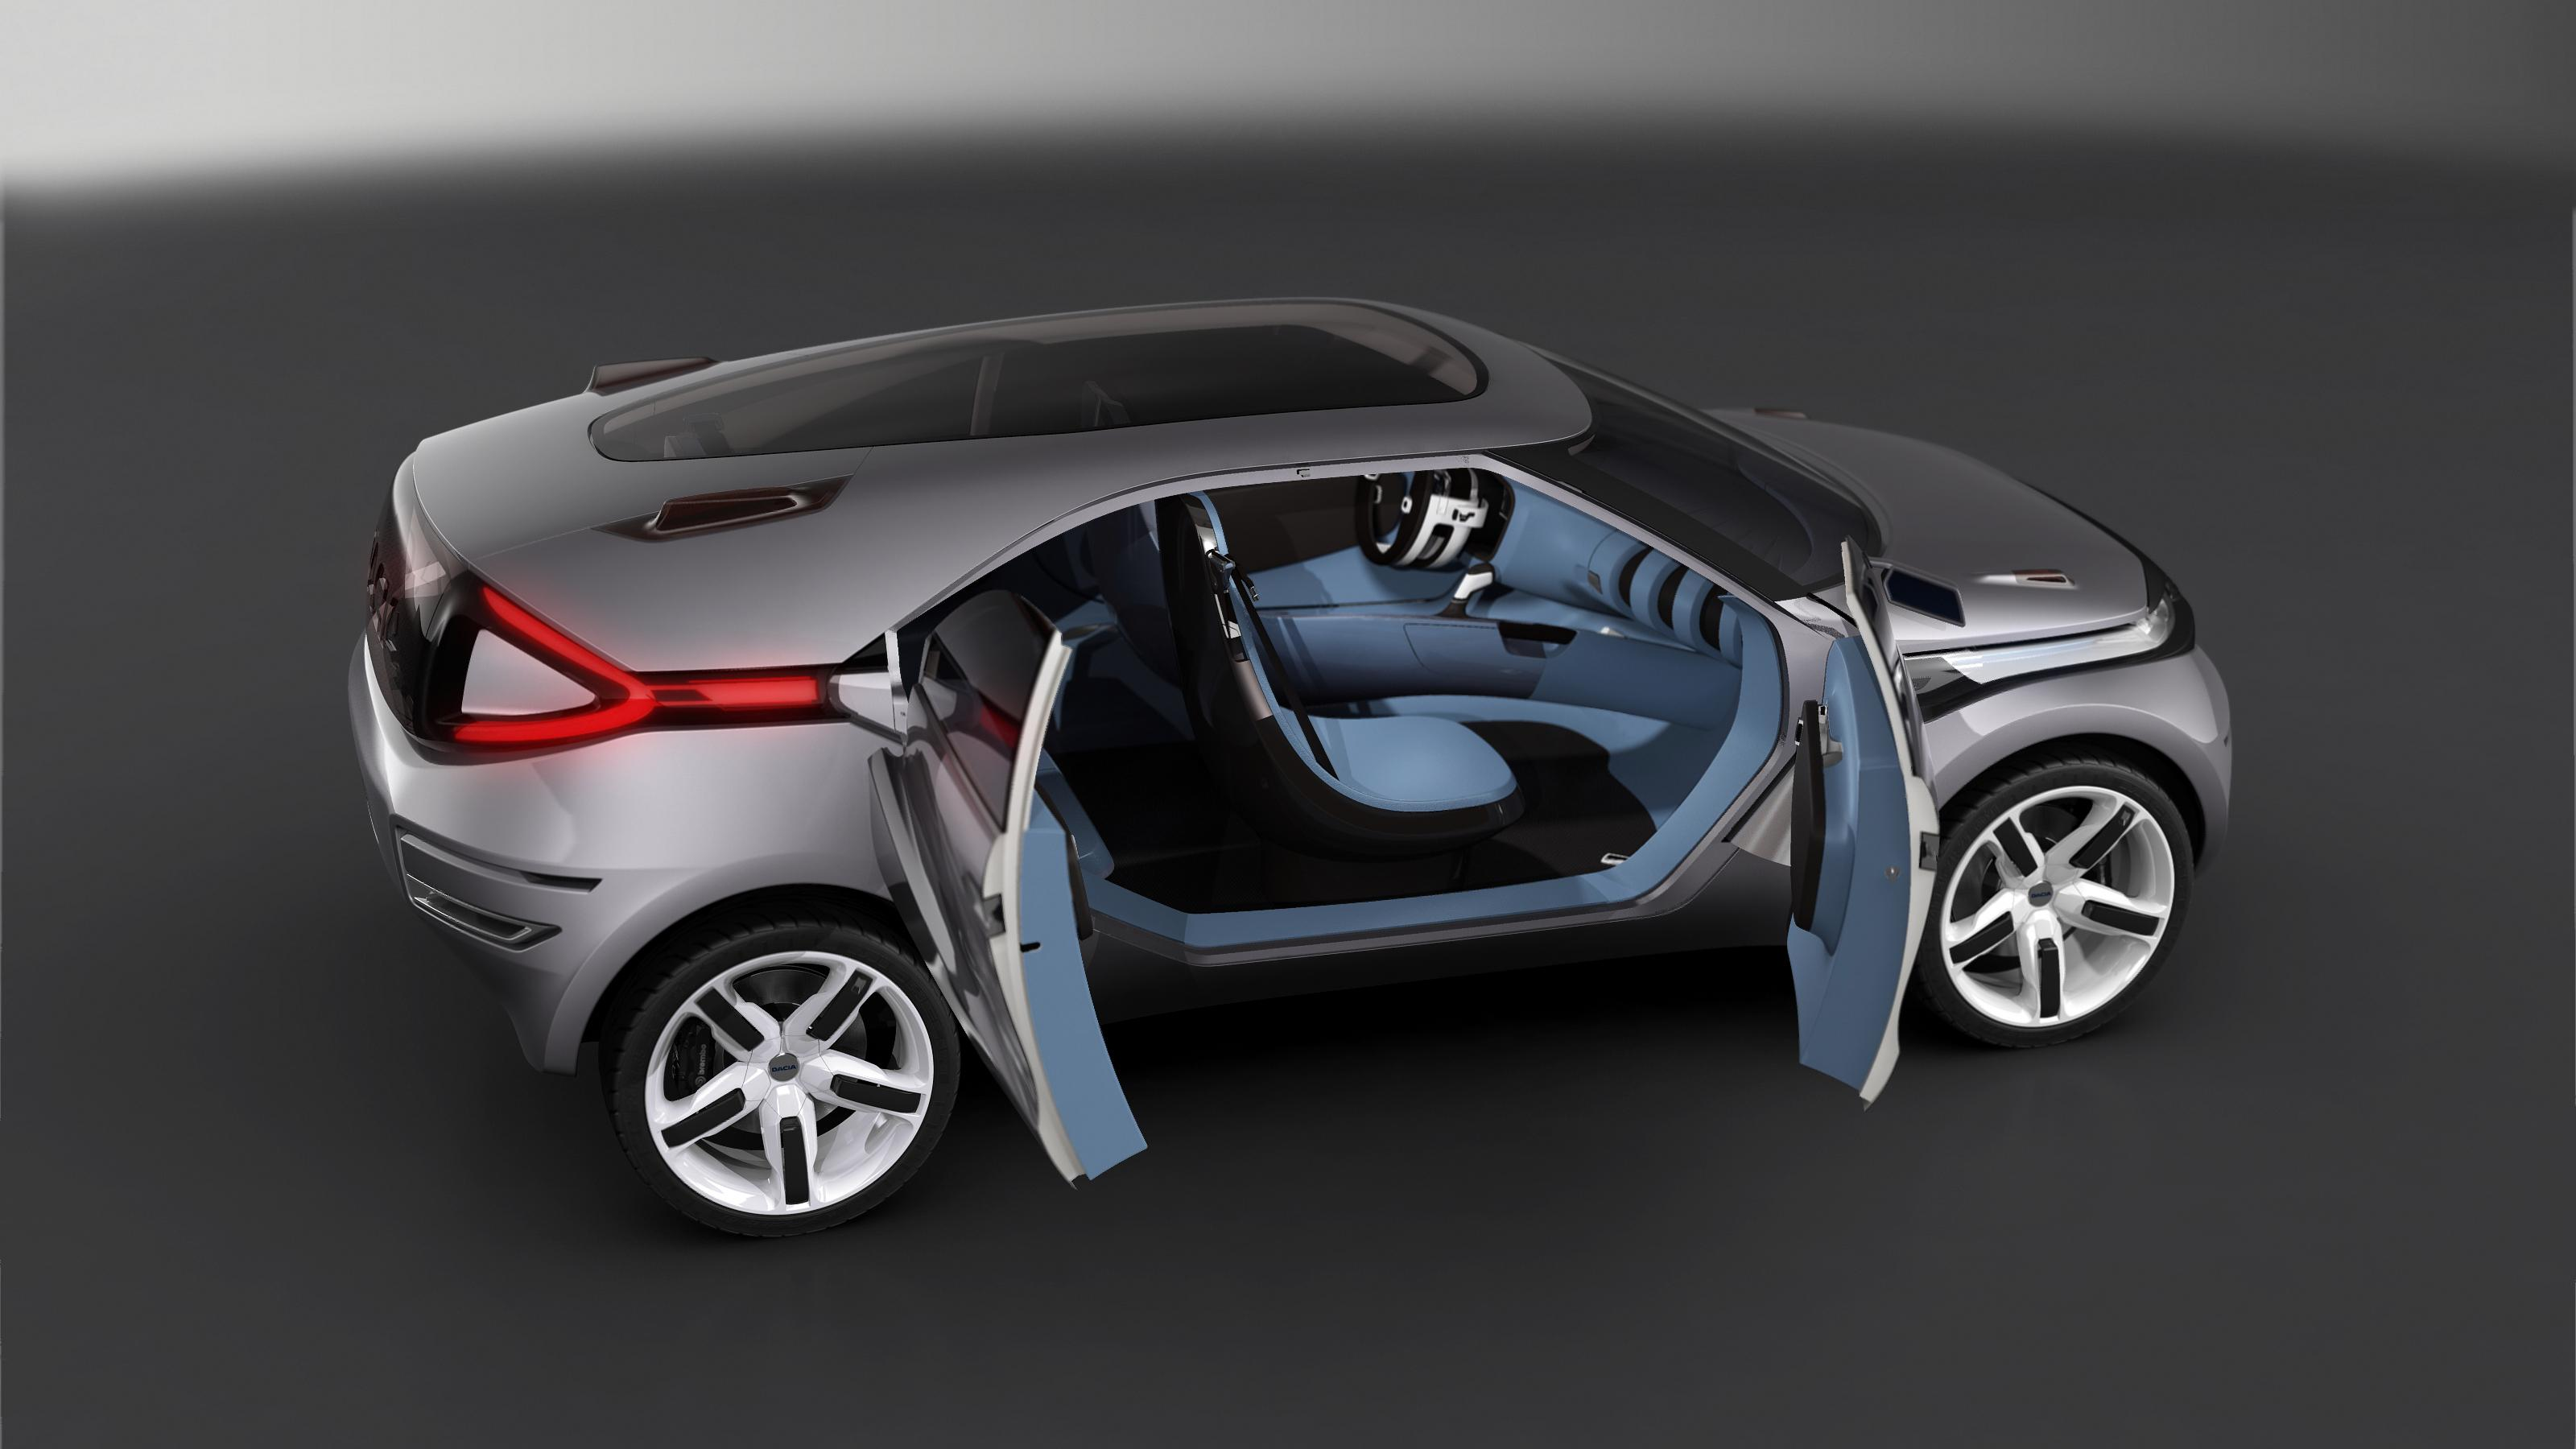 Dacia Duster Crossover Concept – очень много фотографий в высоком разрешении - фотография №6